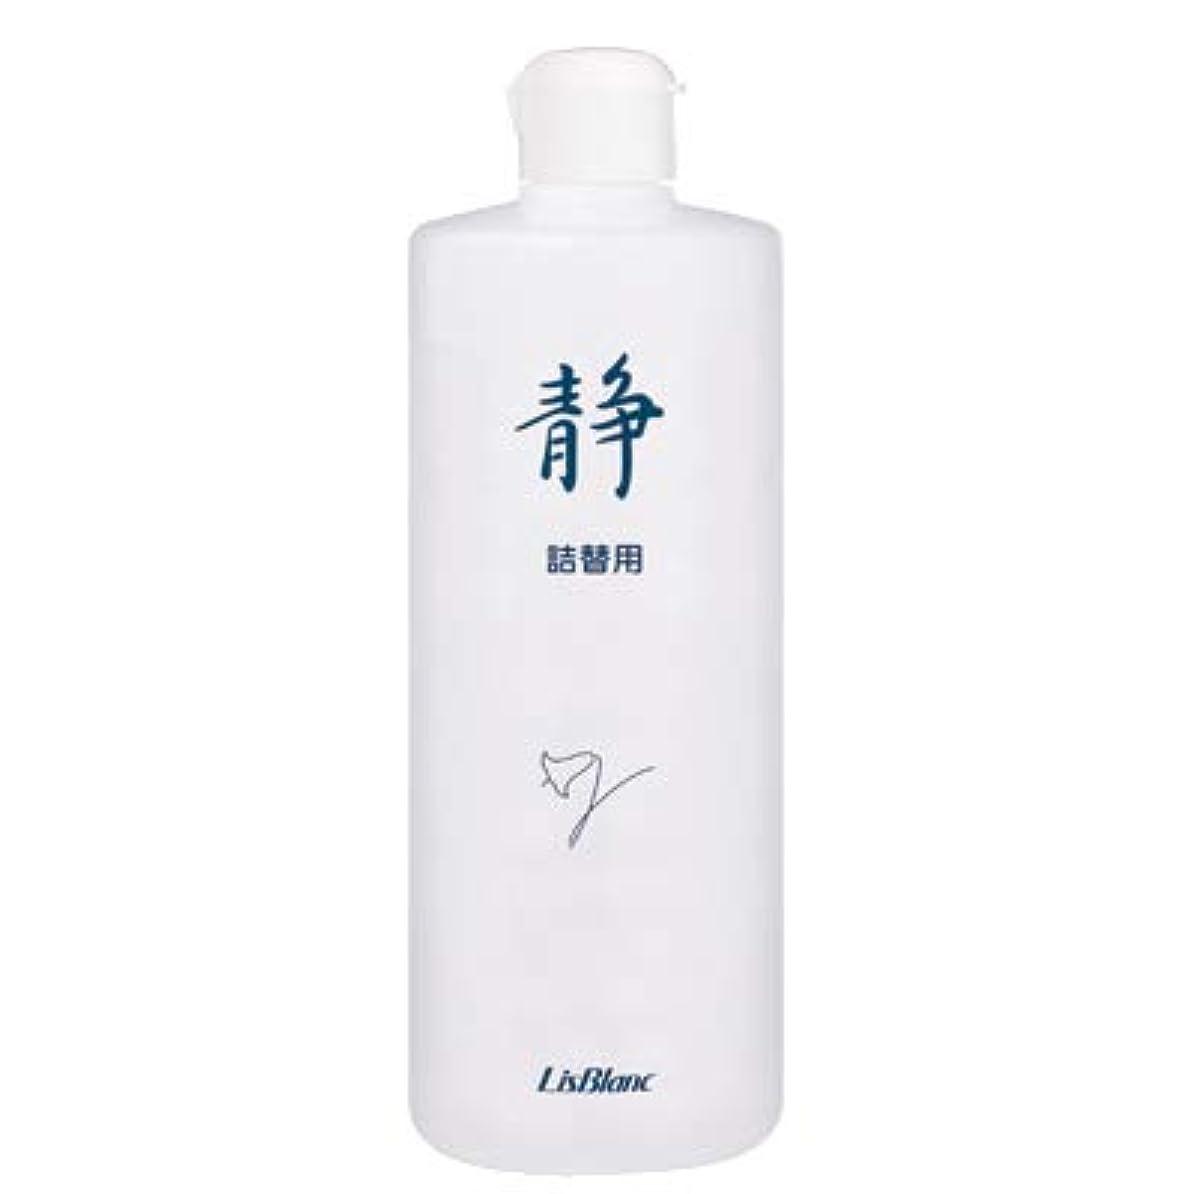 バーマド効果的がんばり続けるリスブラン しずかスプレー 徳用 500mL フェイス&ボディ用化粧水